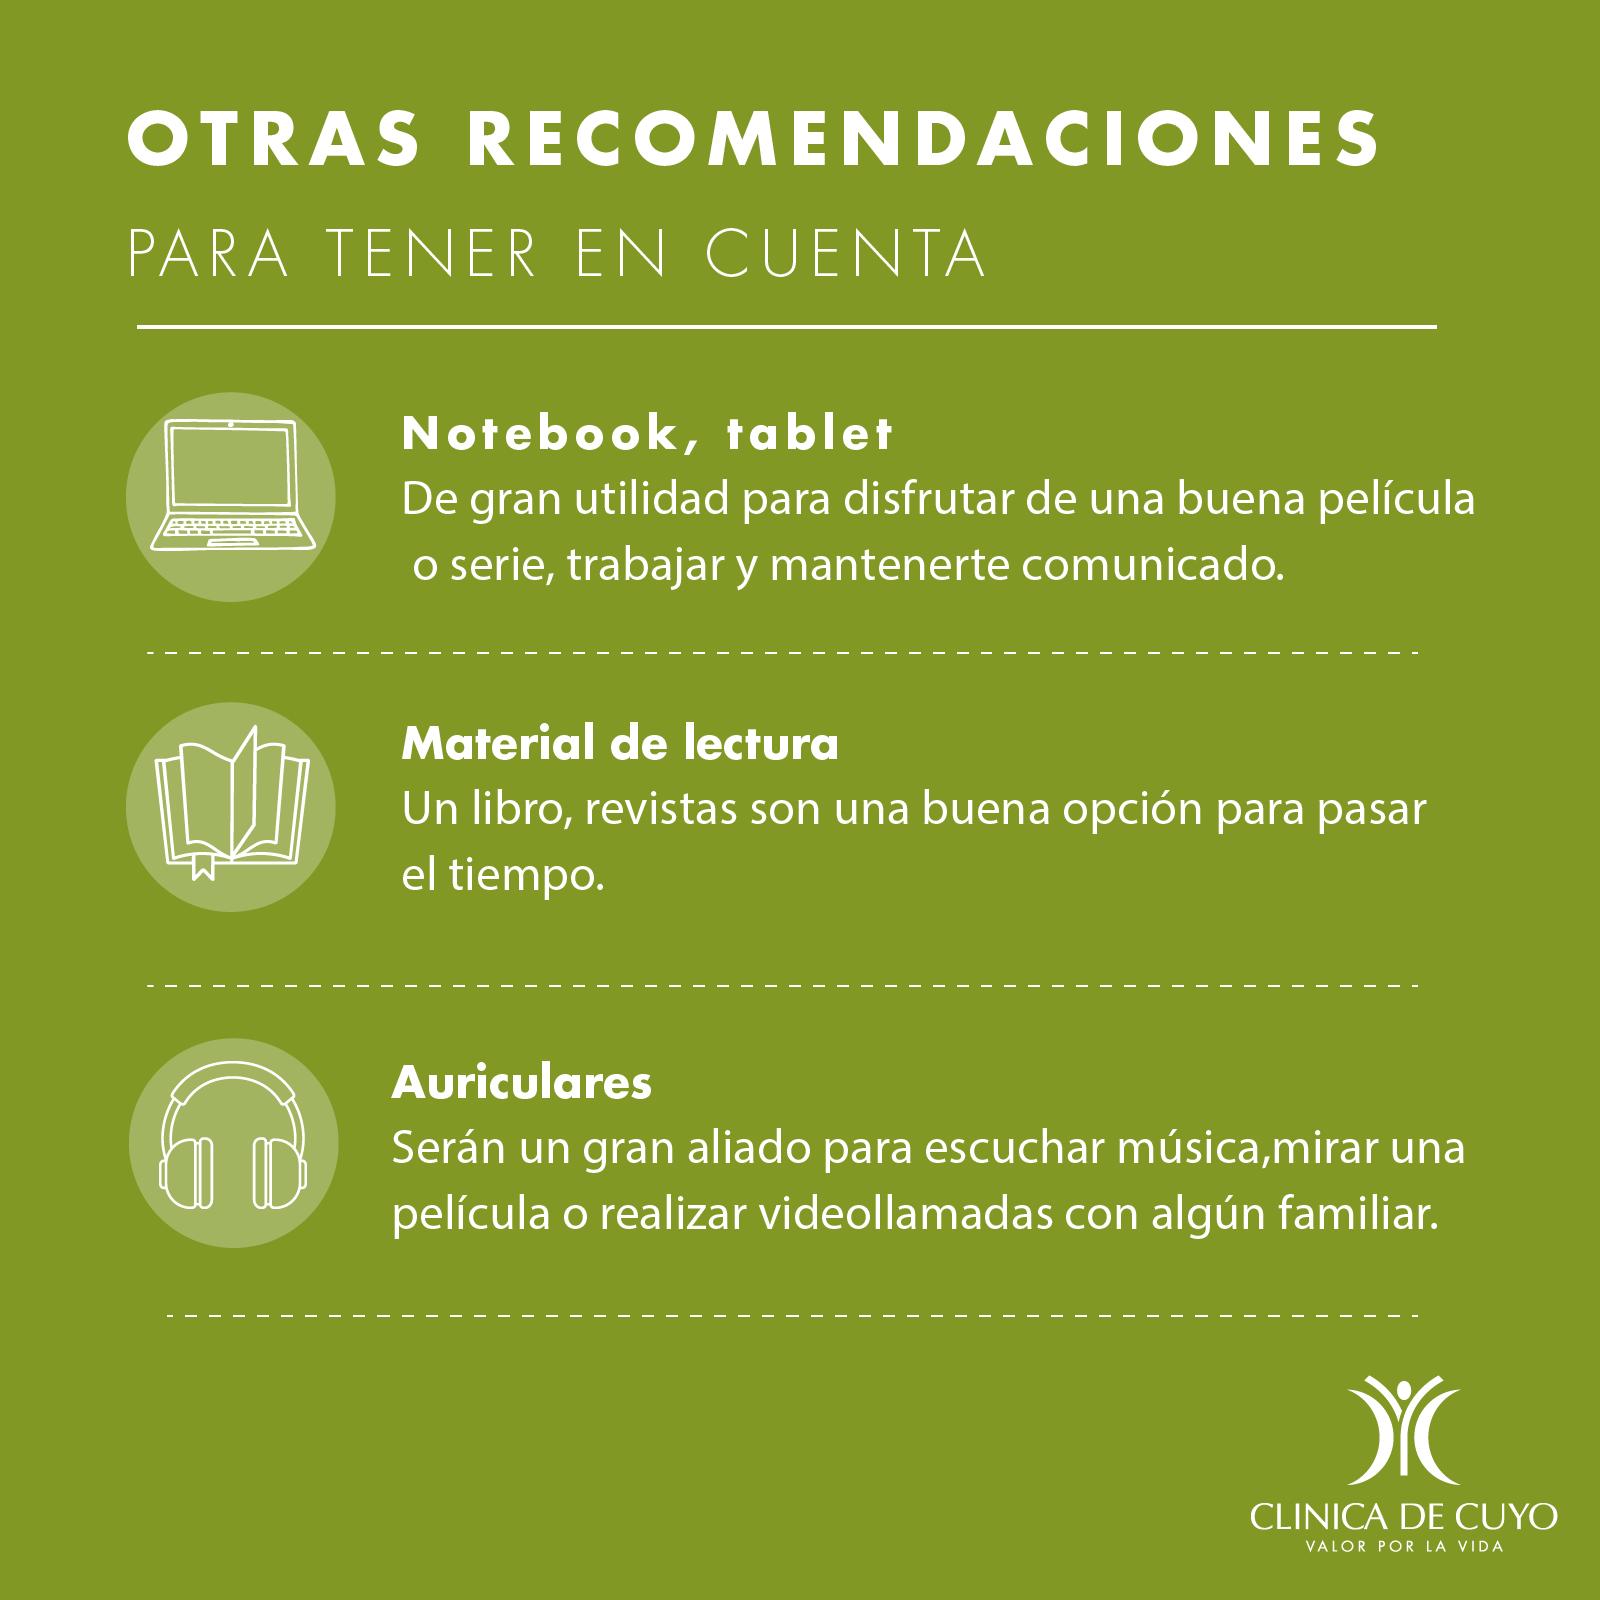 Placas Corona virus - Recomendaciones_3